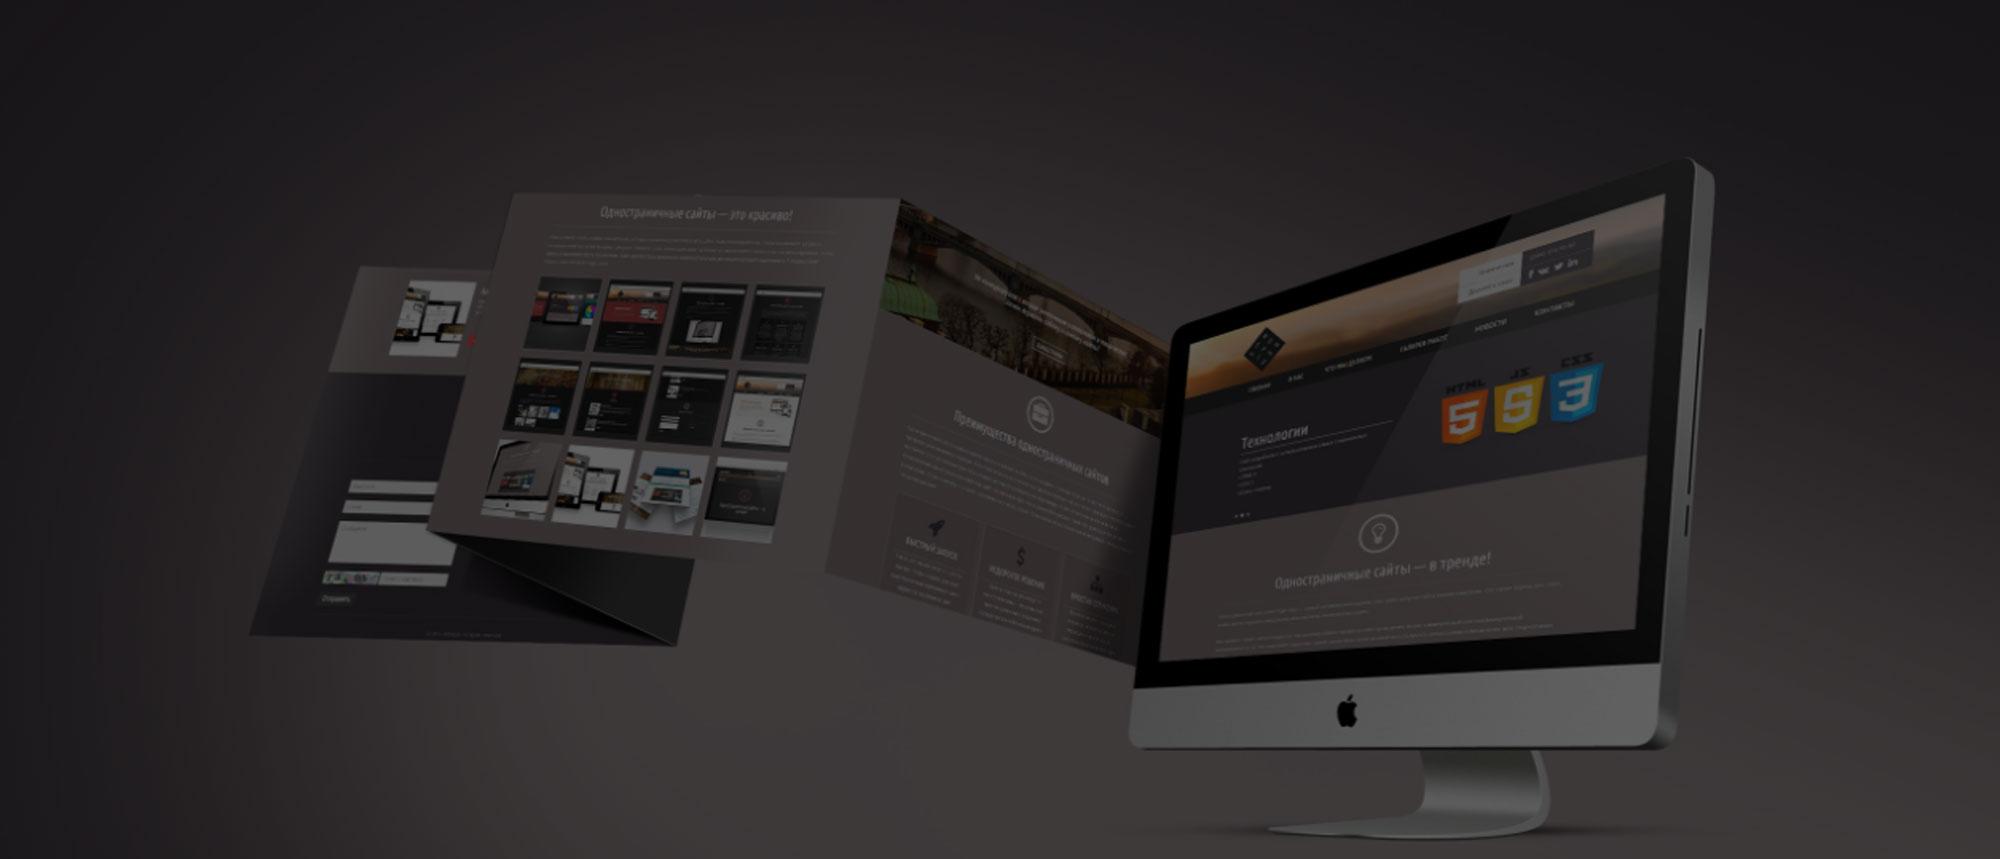 Создание, сопровождение и продвижение сайтов